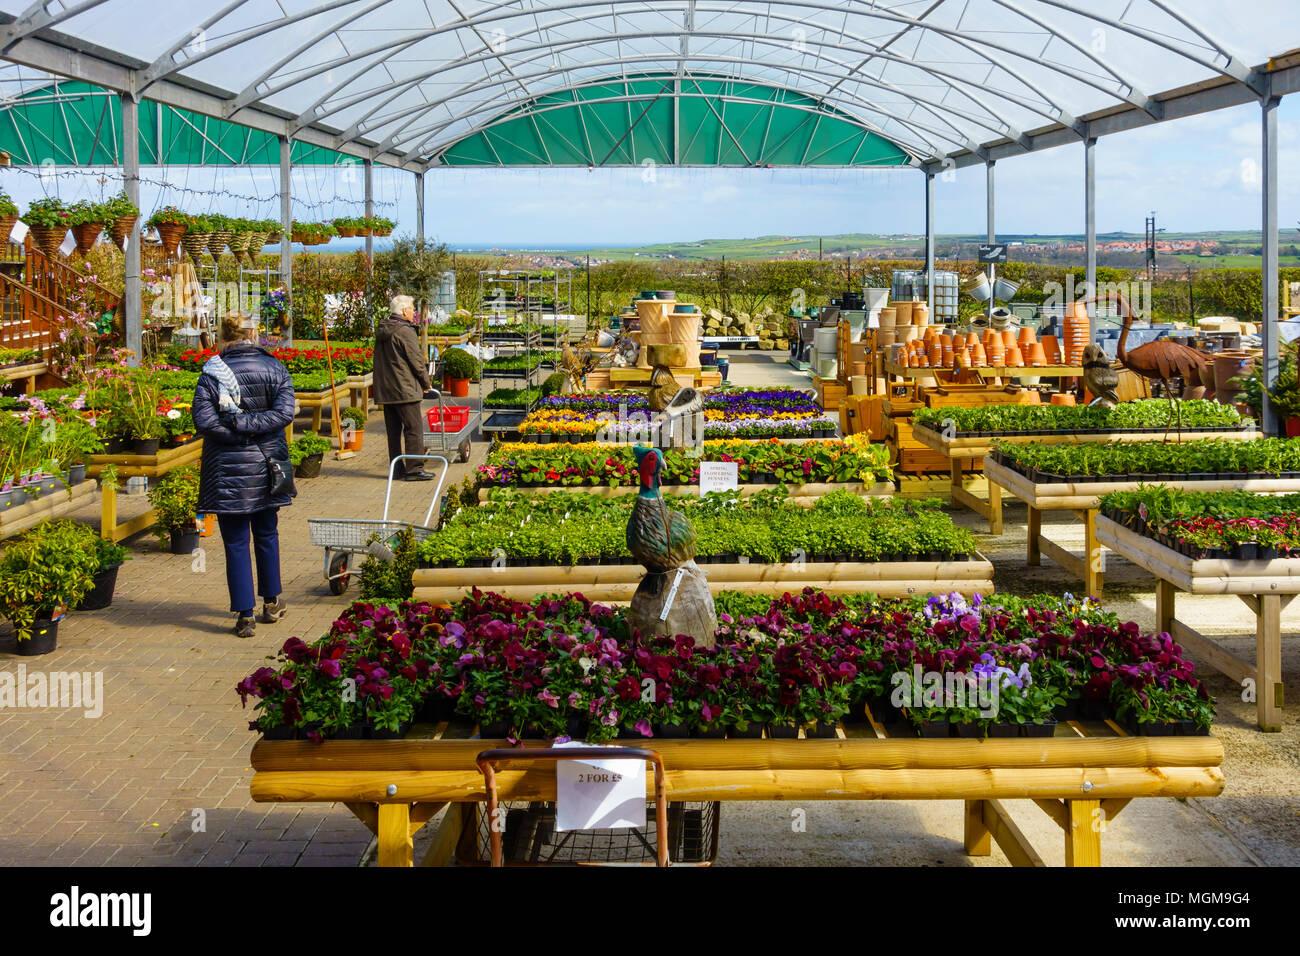 Un jardin de plantes, l écran du centre de pots et accessoires de jardin f401f56d422d